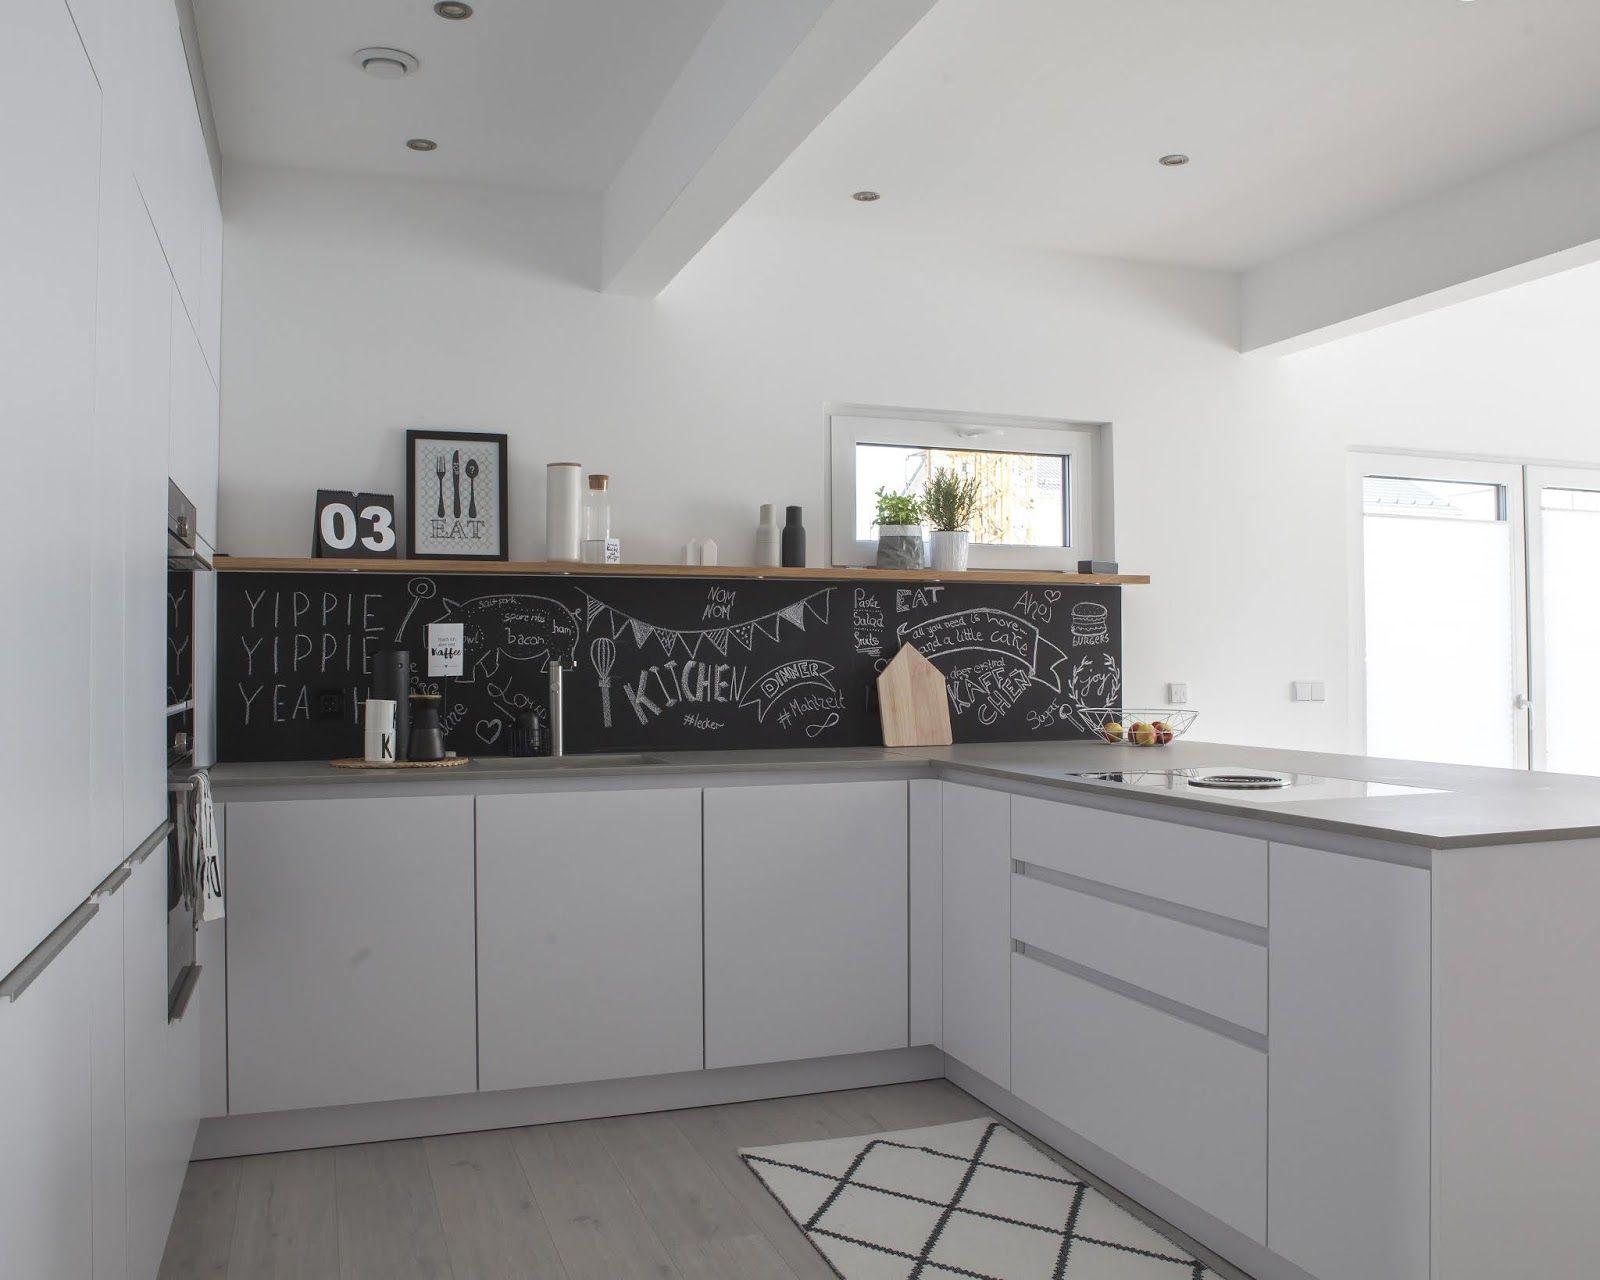 Modern Kitchen With Black Cabinets In 2020 Moderne Kuchenideen Schrank Schwarz Schwarze Kuchenschranke